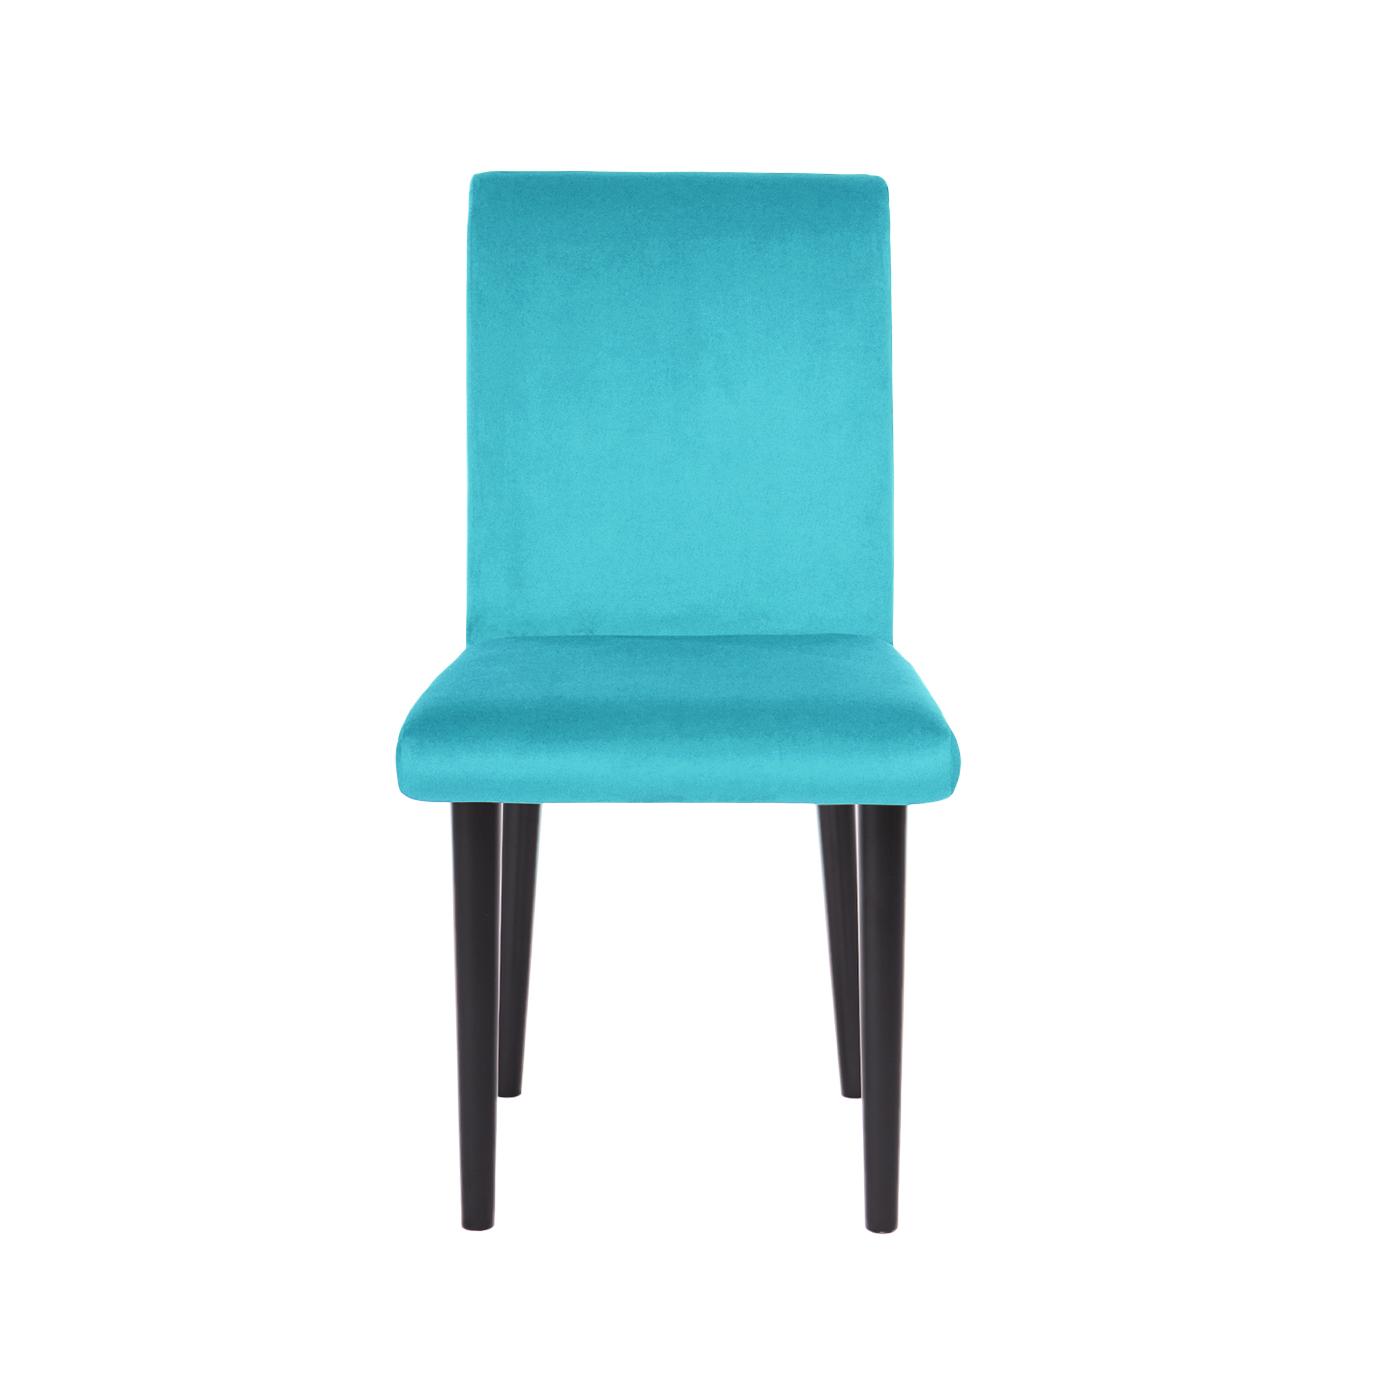 Pompeii Turquoise Velvet Black Chair